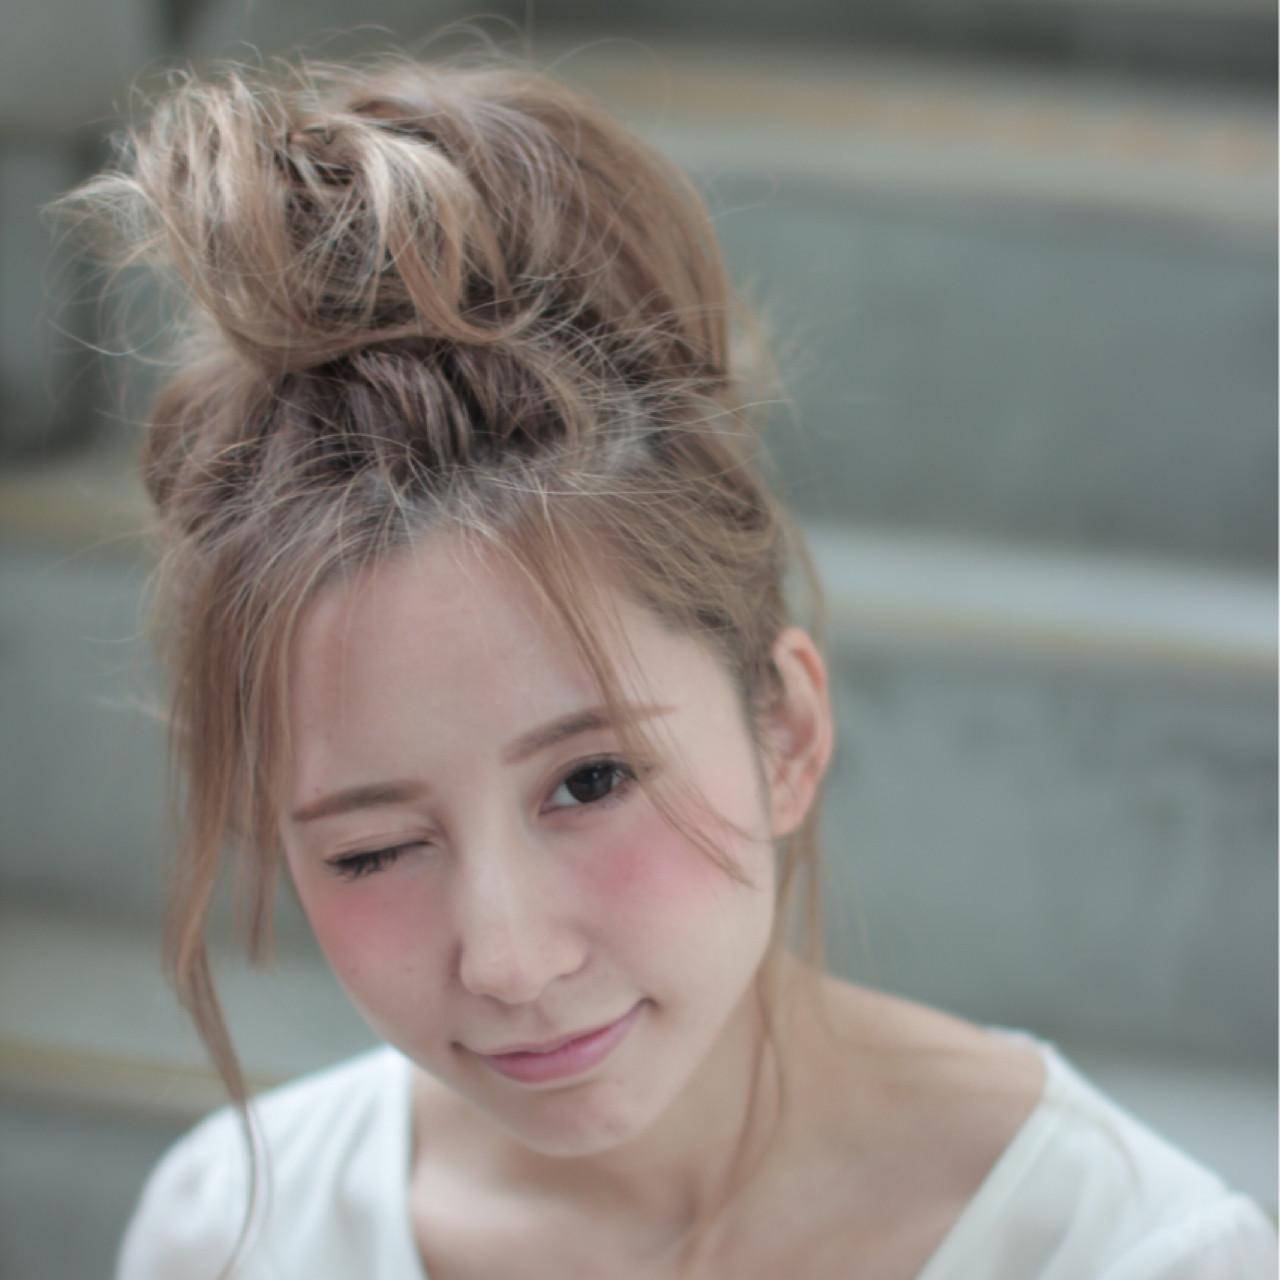 夏 ヘアアレンジ ピュア 外国人風 ヘアスタイルや髪型の写真・画像 | 中村 猛 / MODE K's 塚本店 (モードケイズ)